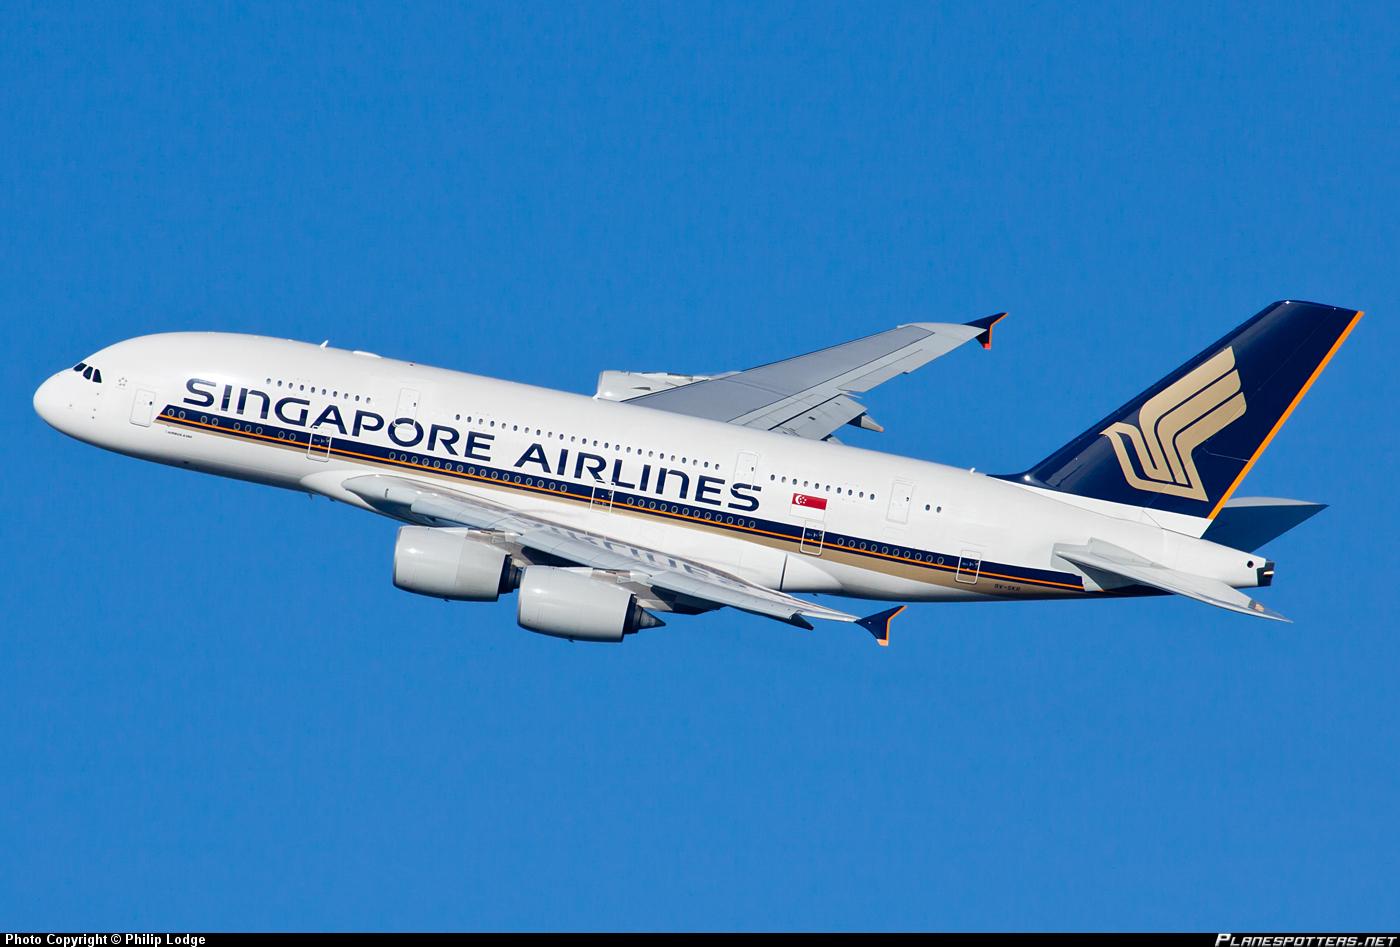 Singapore Airlines: Flüge im Airbus A380 von Frankfurt nach New York und zurück ab 407 Euro